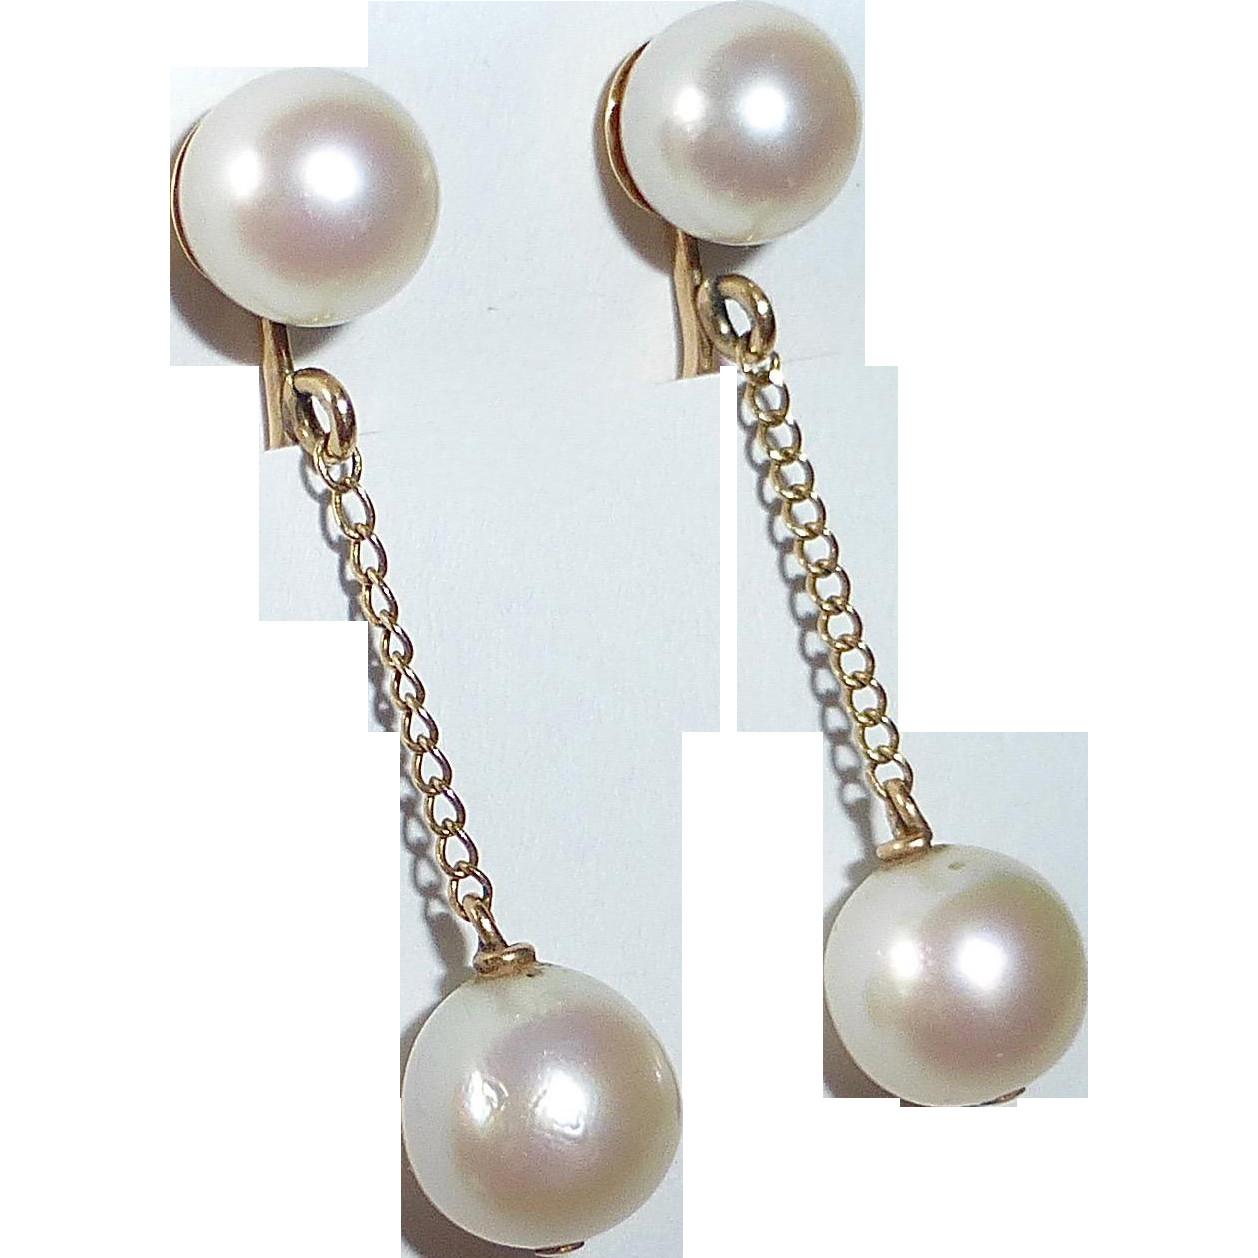 Pearl Drop Earrings  14k Yellow Gold Pearl Drop Earrings from bejewelled on